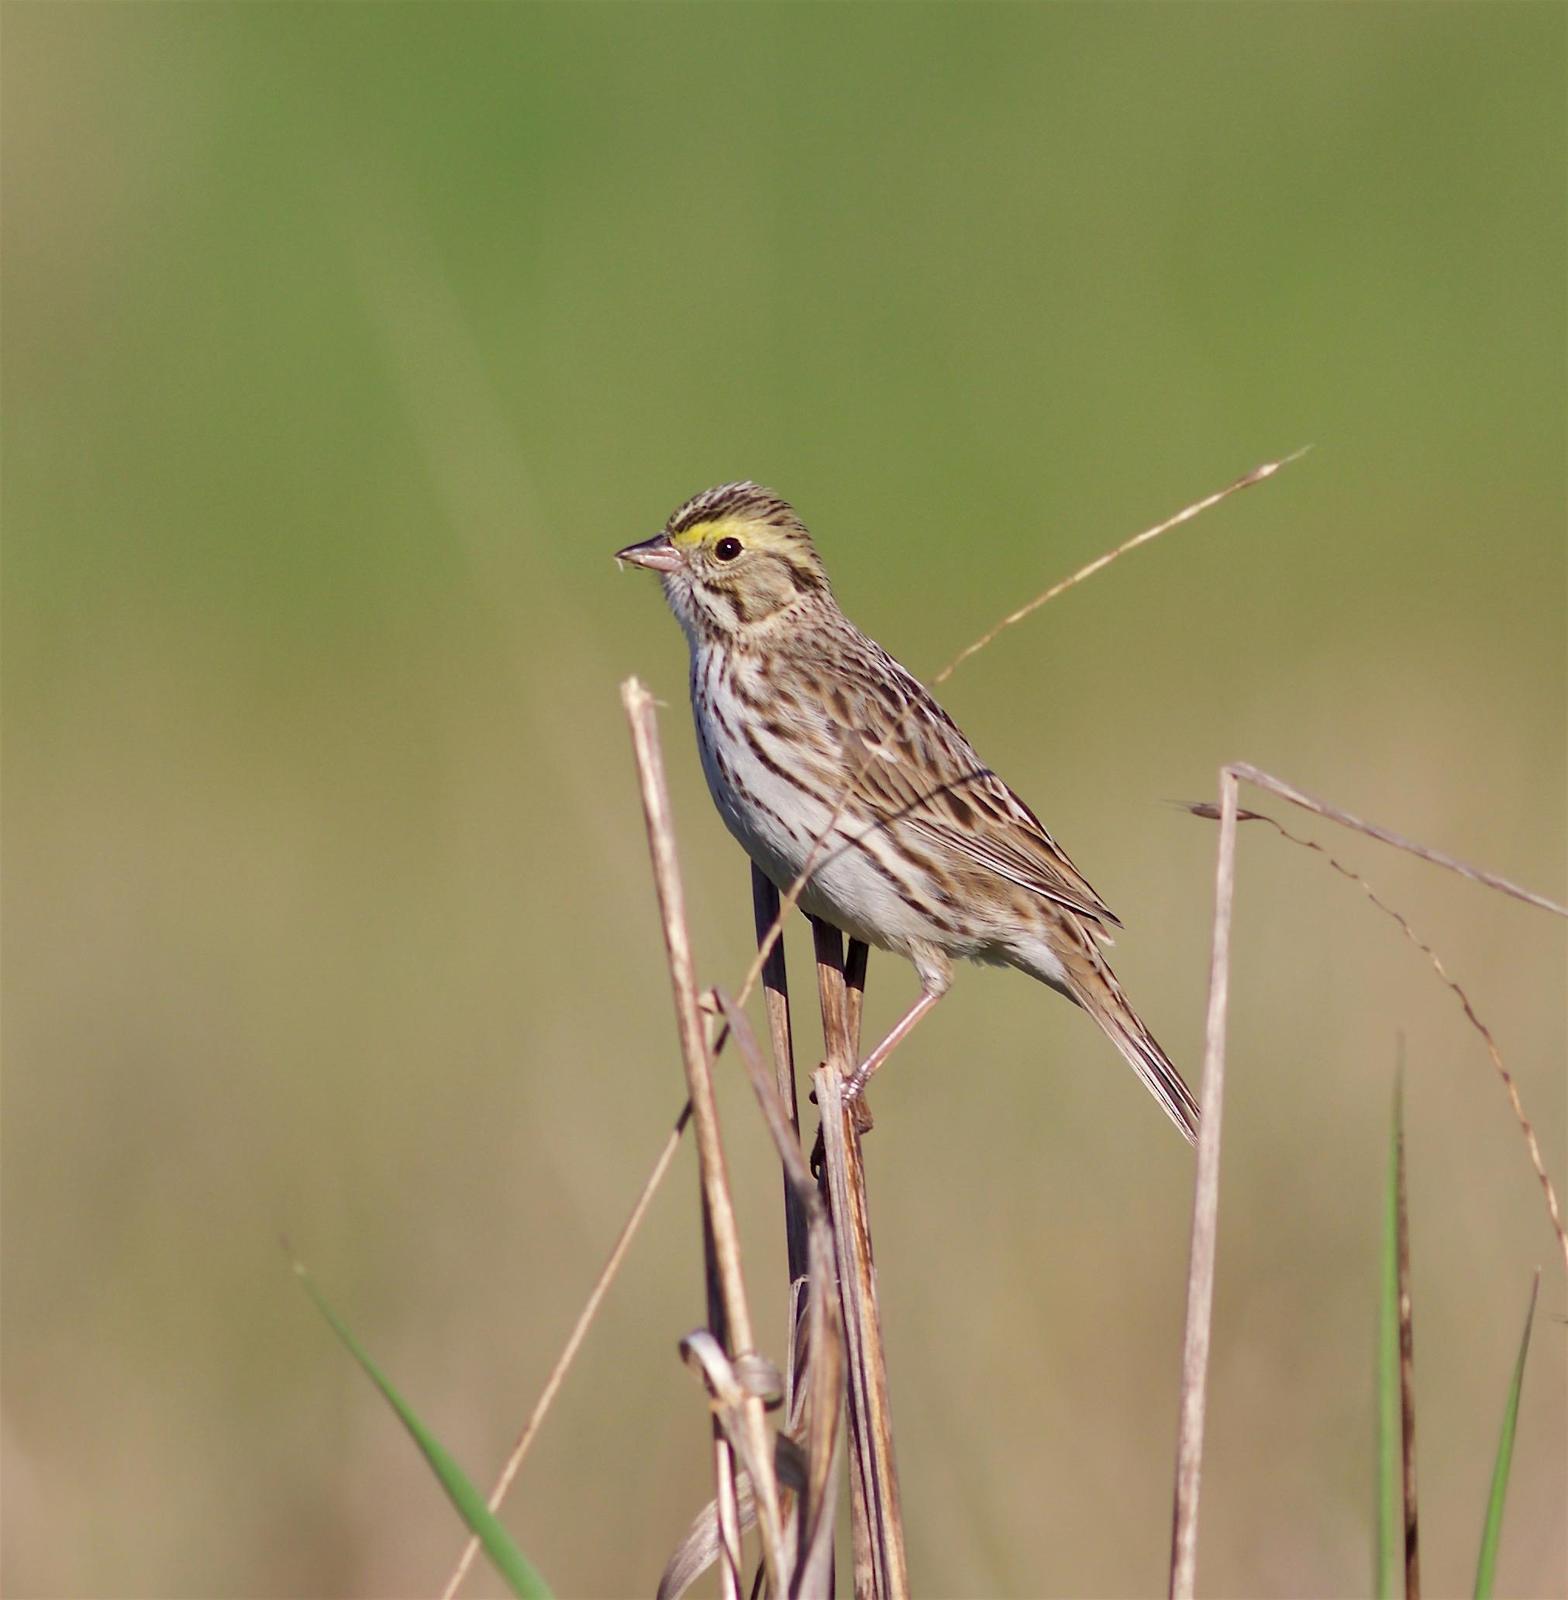 Savannah Sparrow Photo by Kathryn Keith